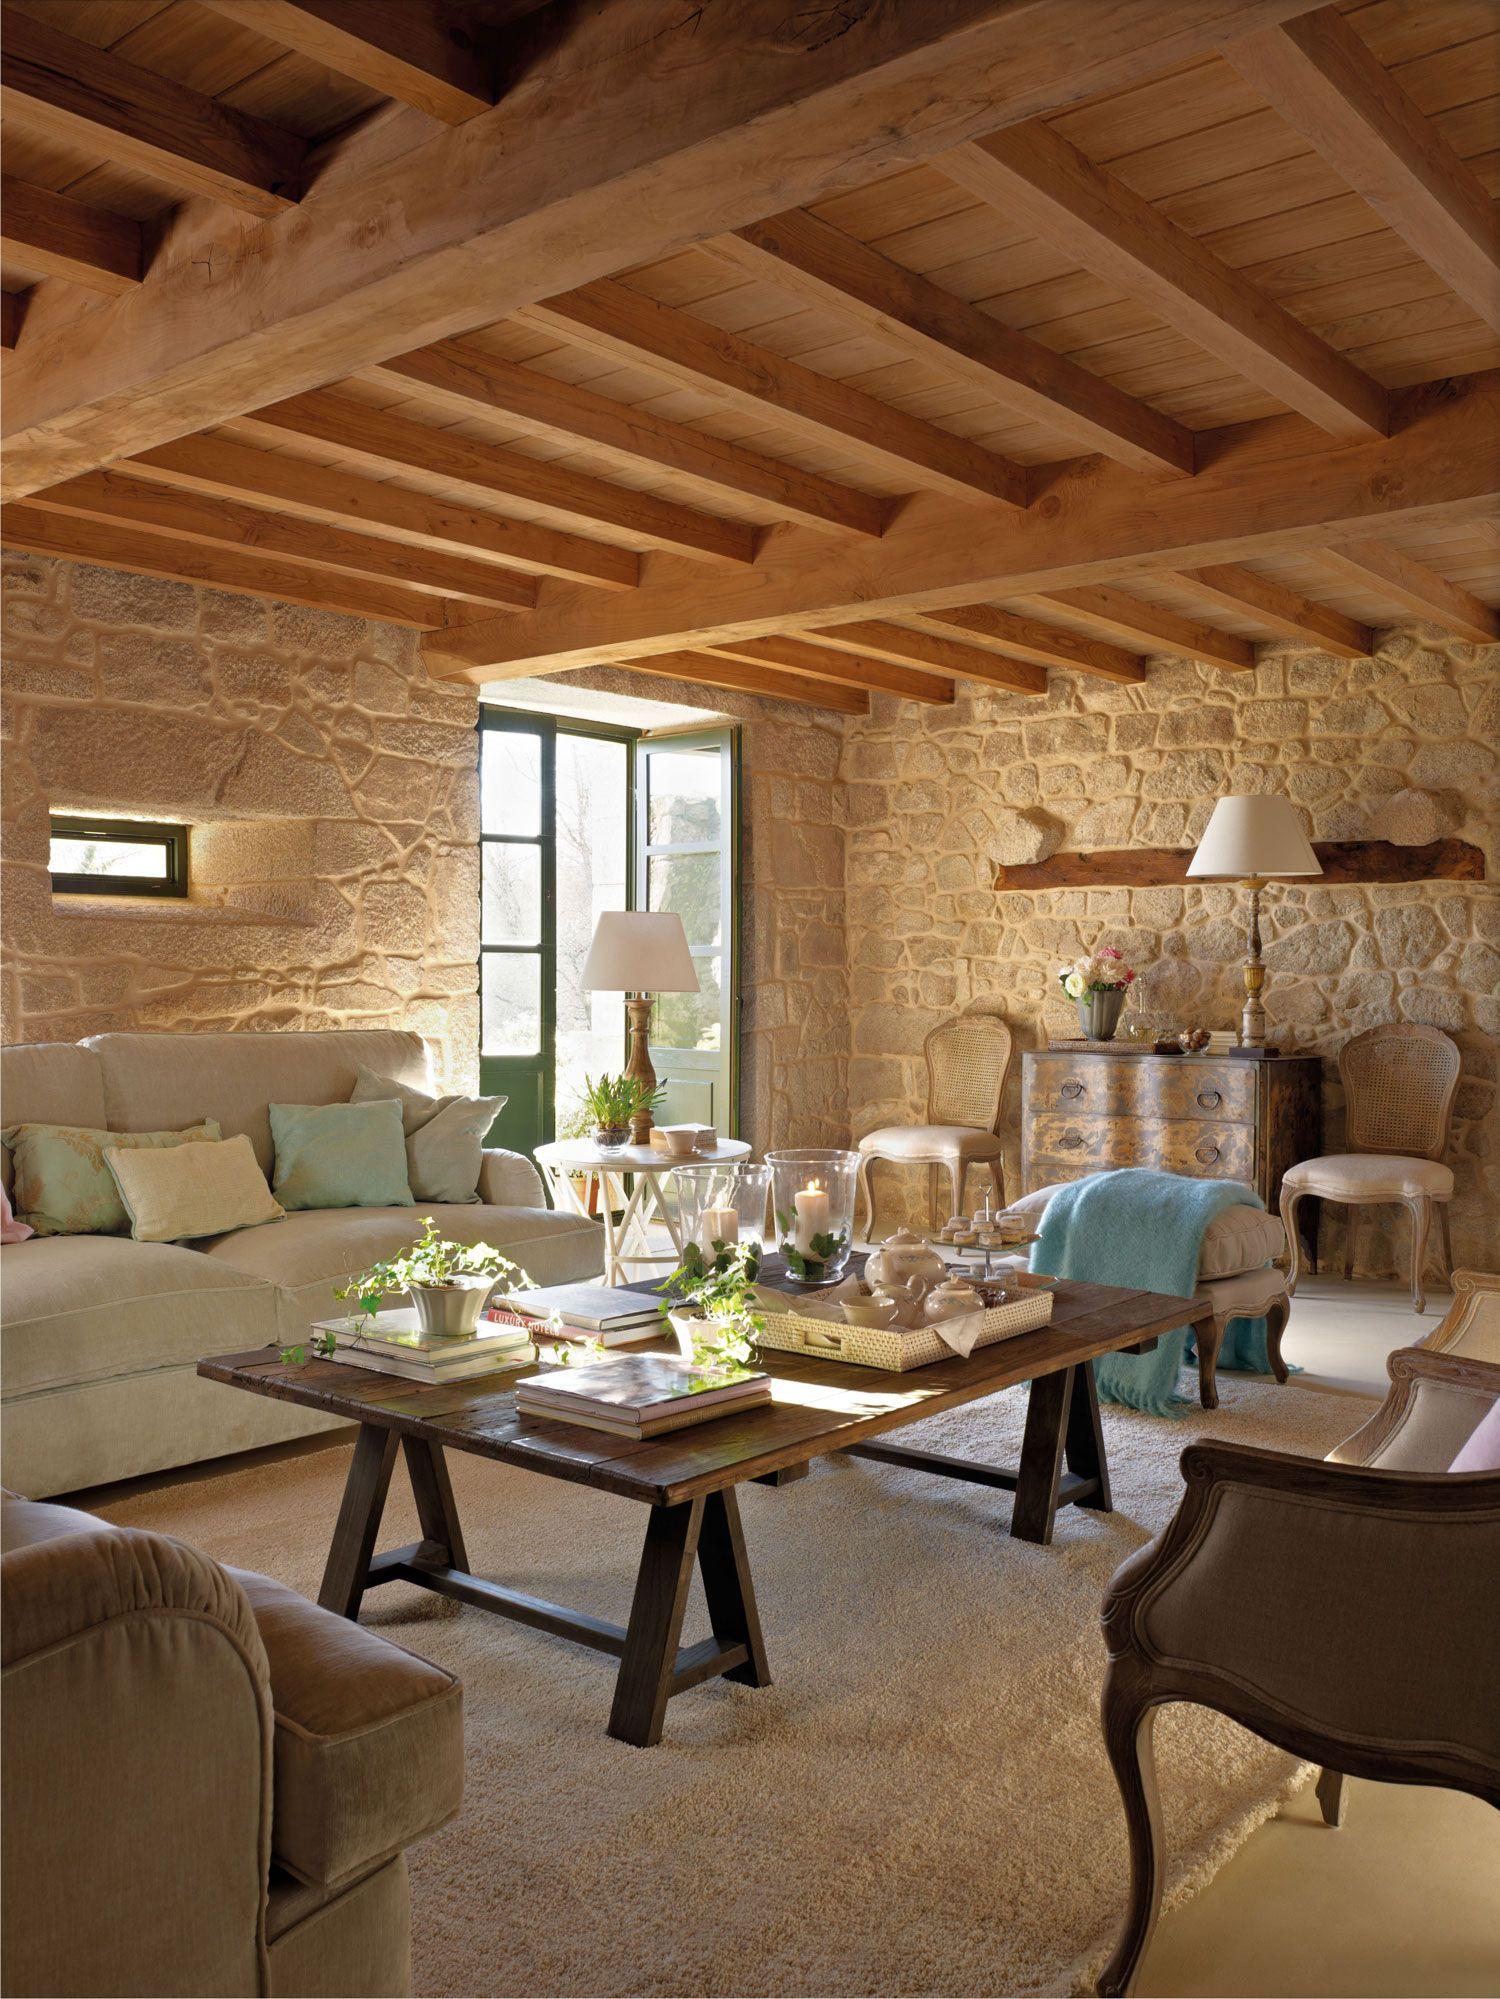 rusticas saln con vigas de madera y muros de piedra con una mesa de centro